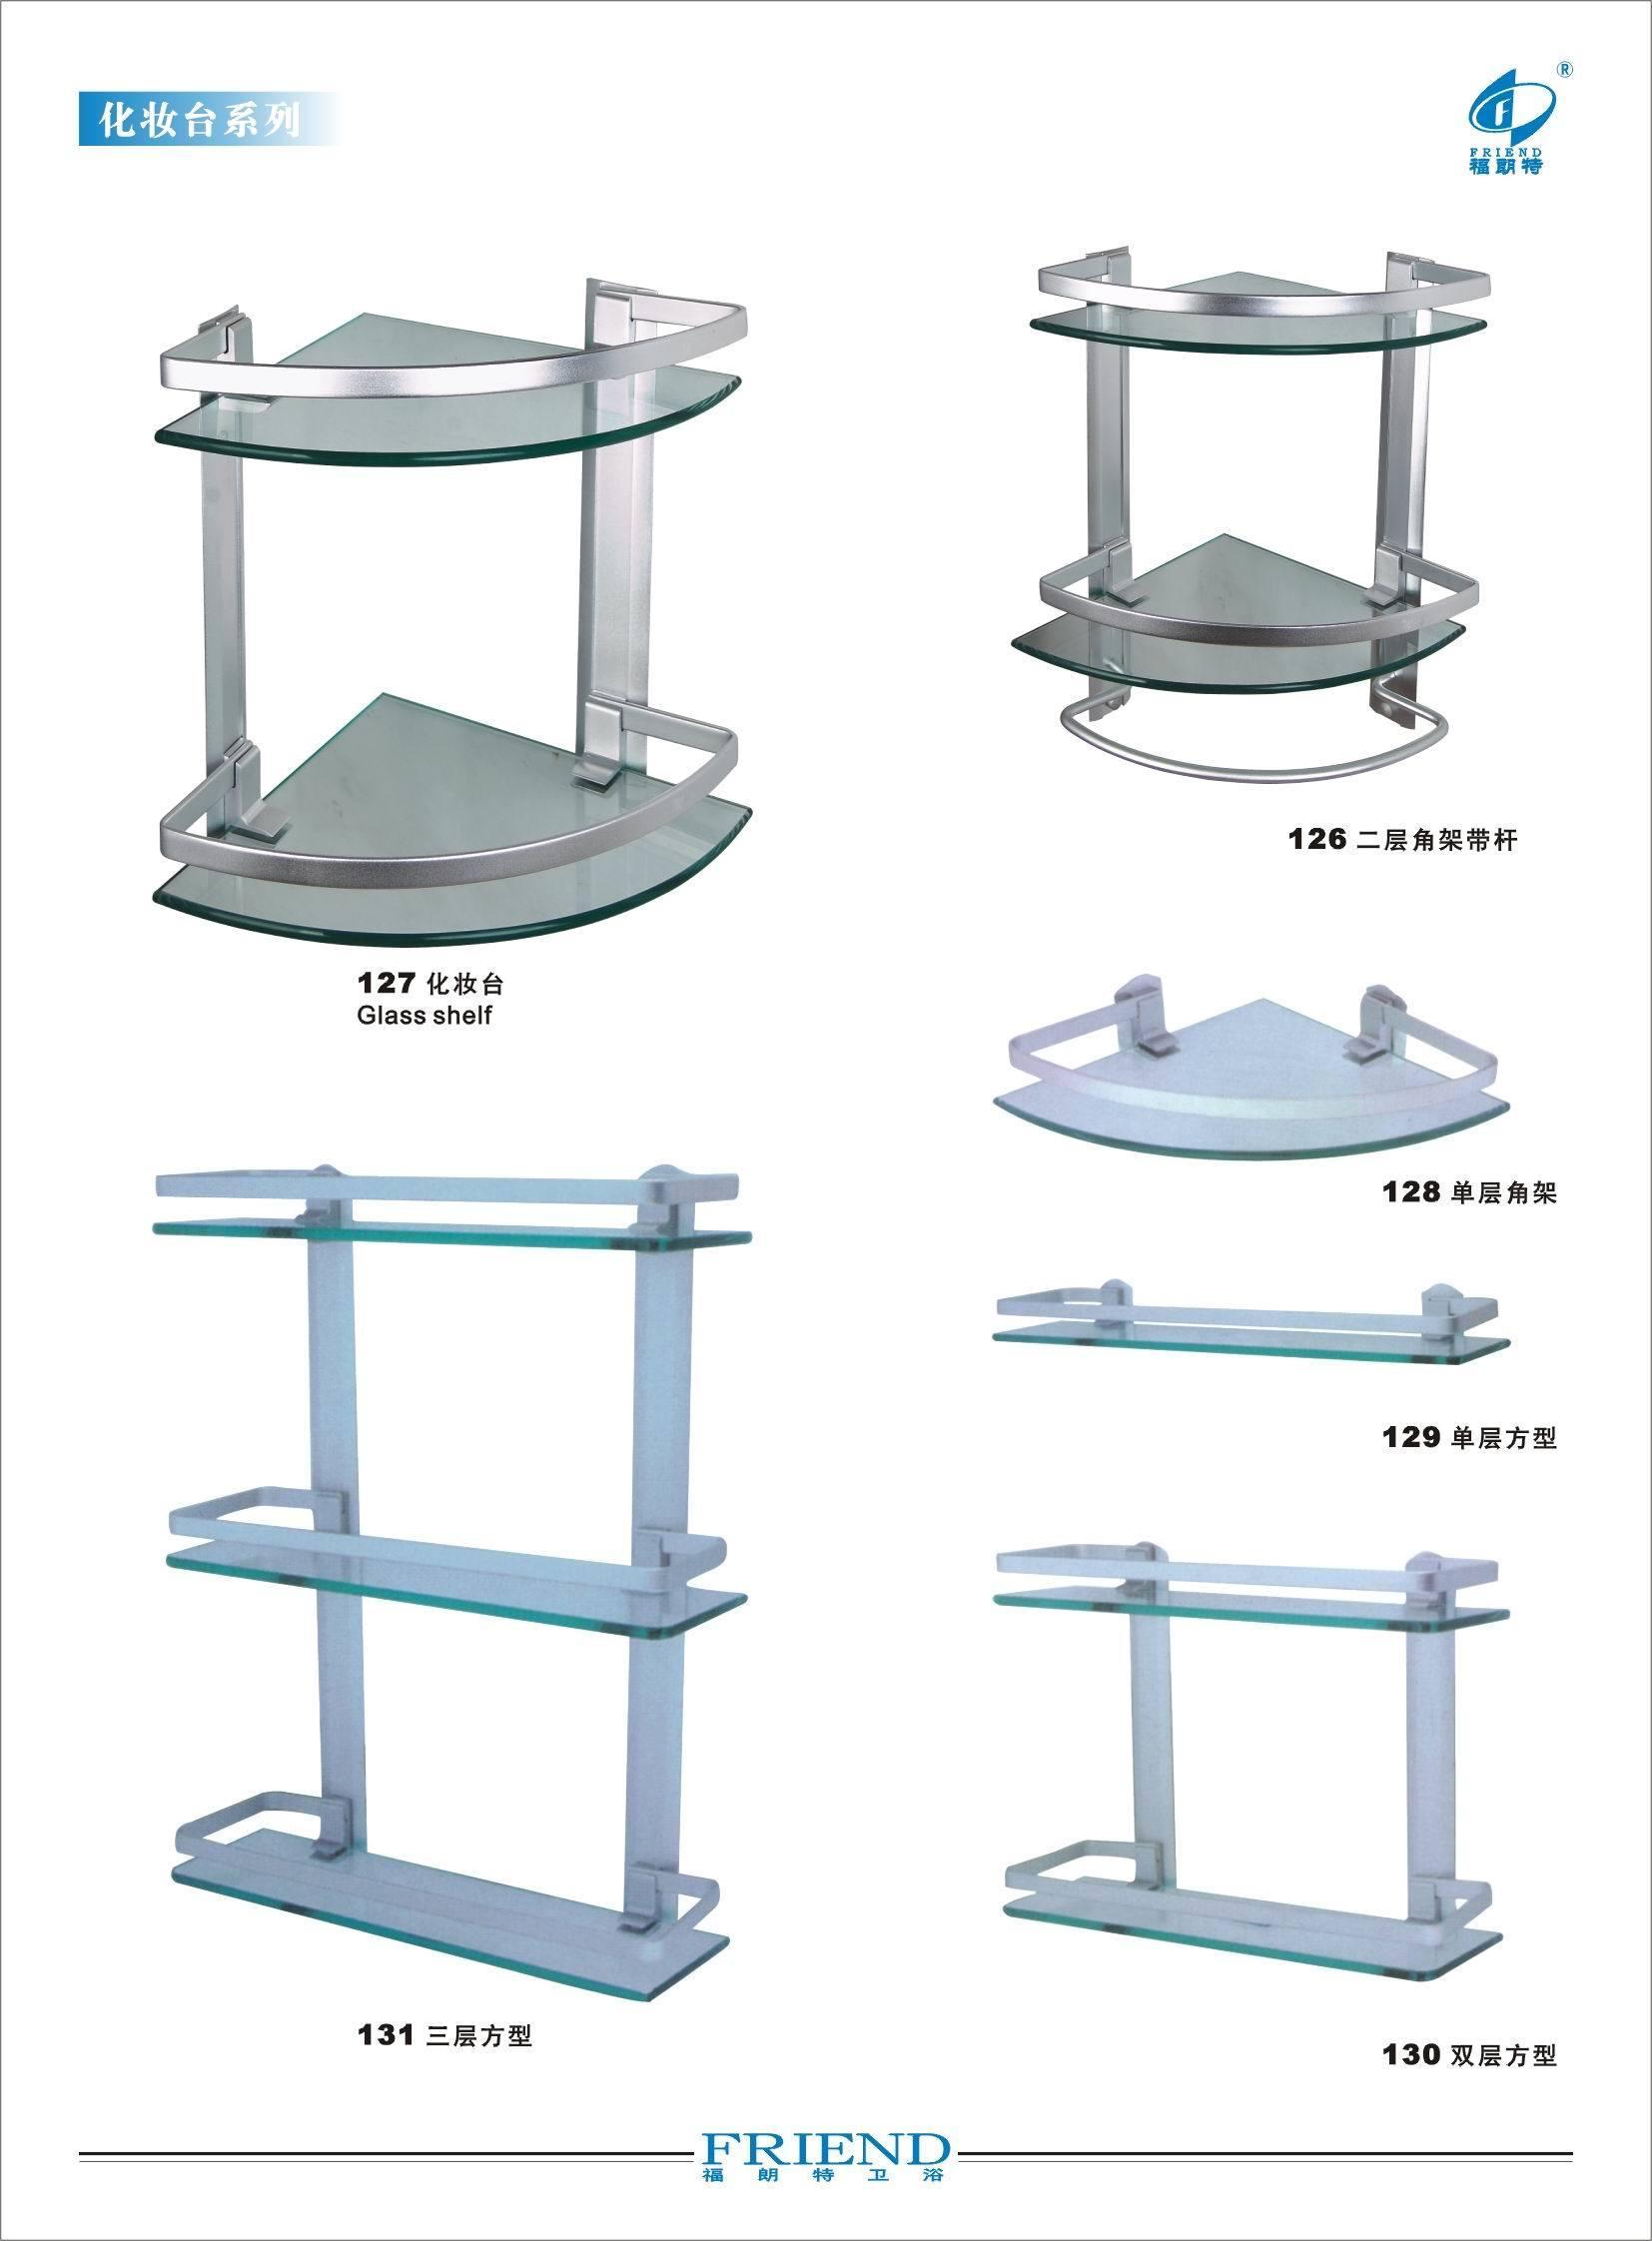 prateleira de vidro) –Acessórios do banheiro (prateleira de vidro  #2779A4 1654 2244